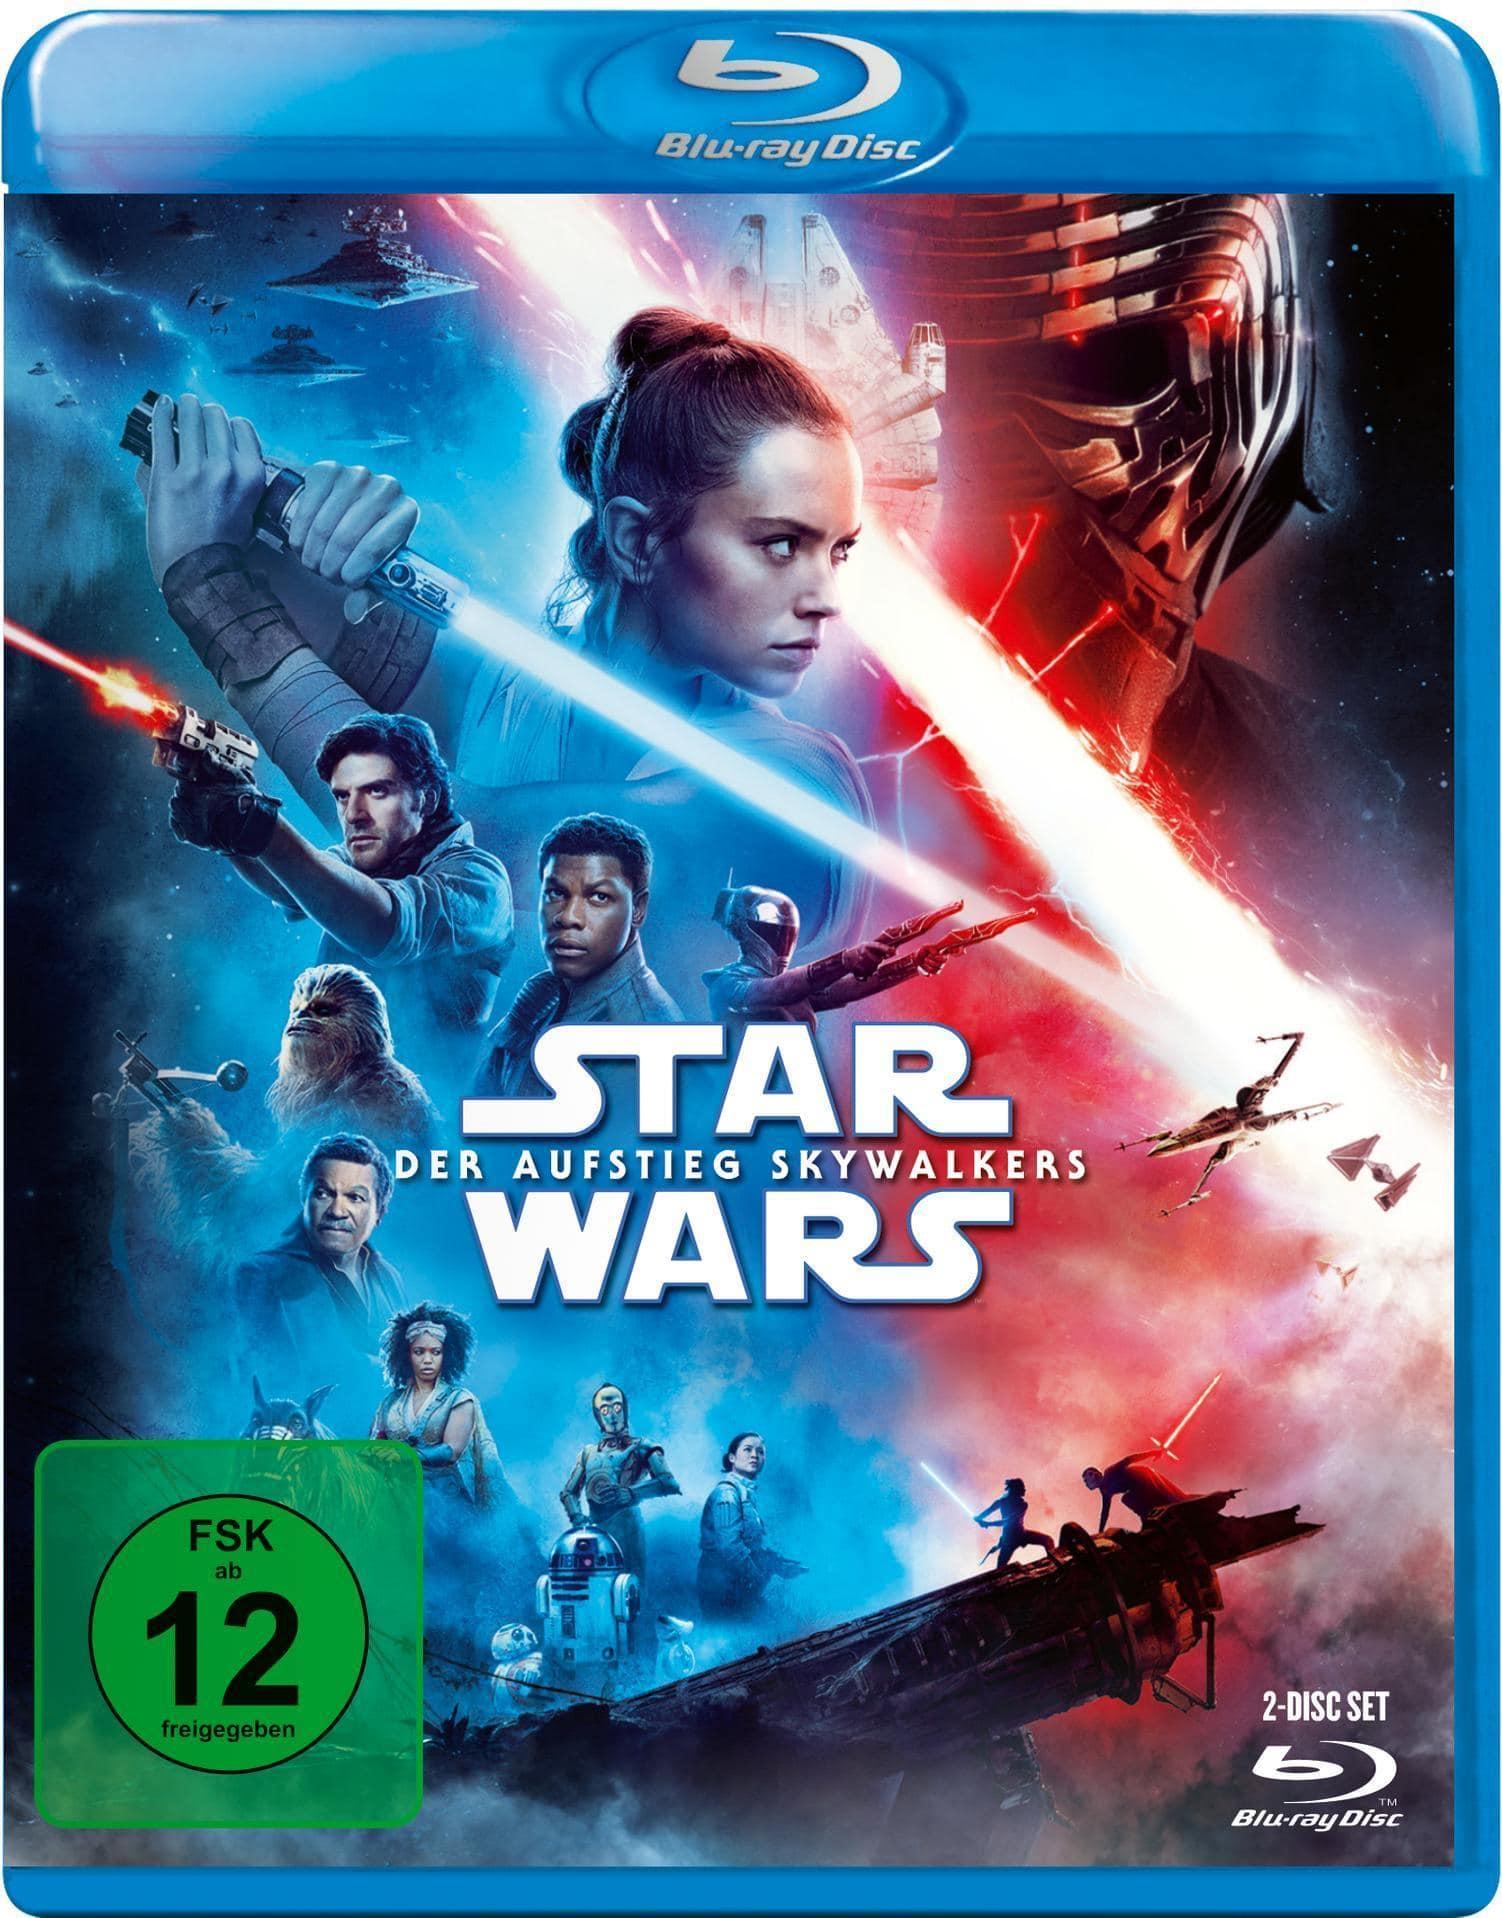 Star Wars: Der Aufstieg Skywalkers - 2 Disc Bluray (BLU-RAY) für 22,99 Euro